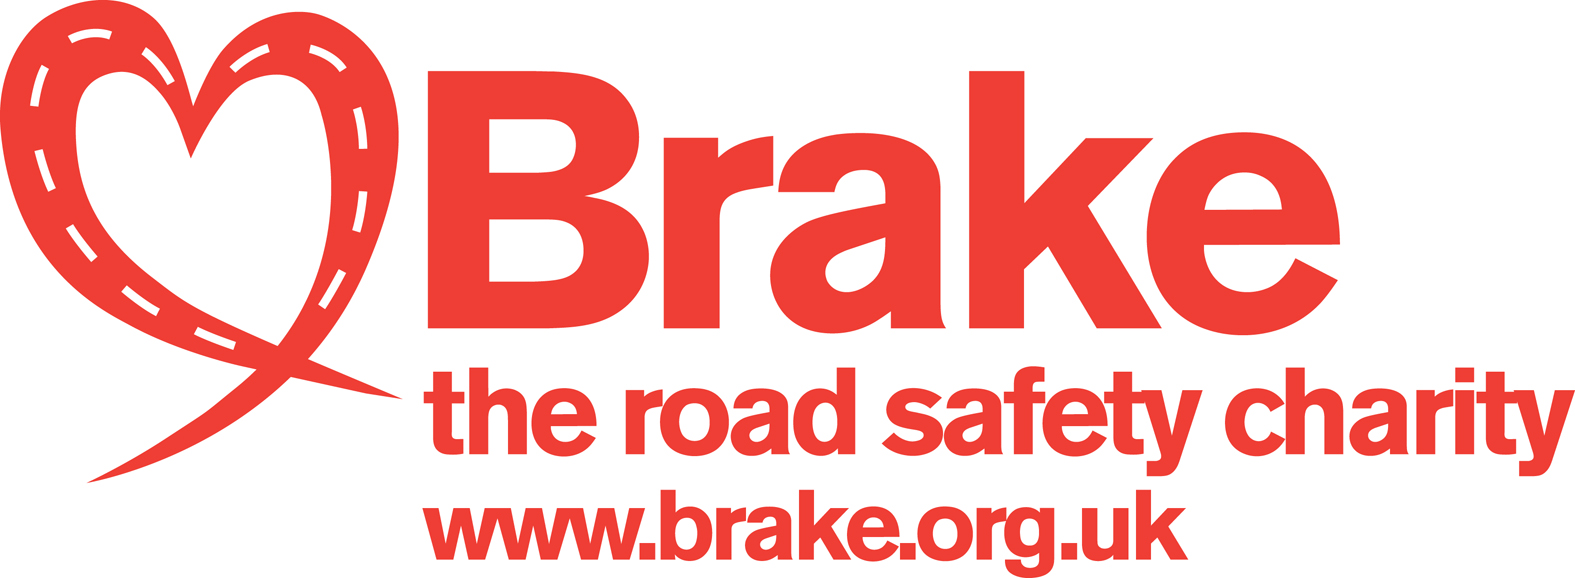 Brake logo red